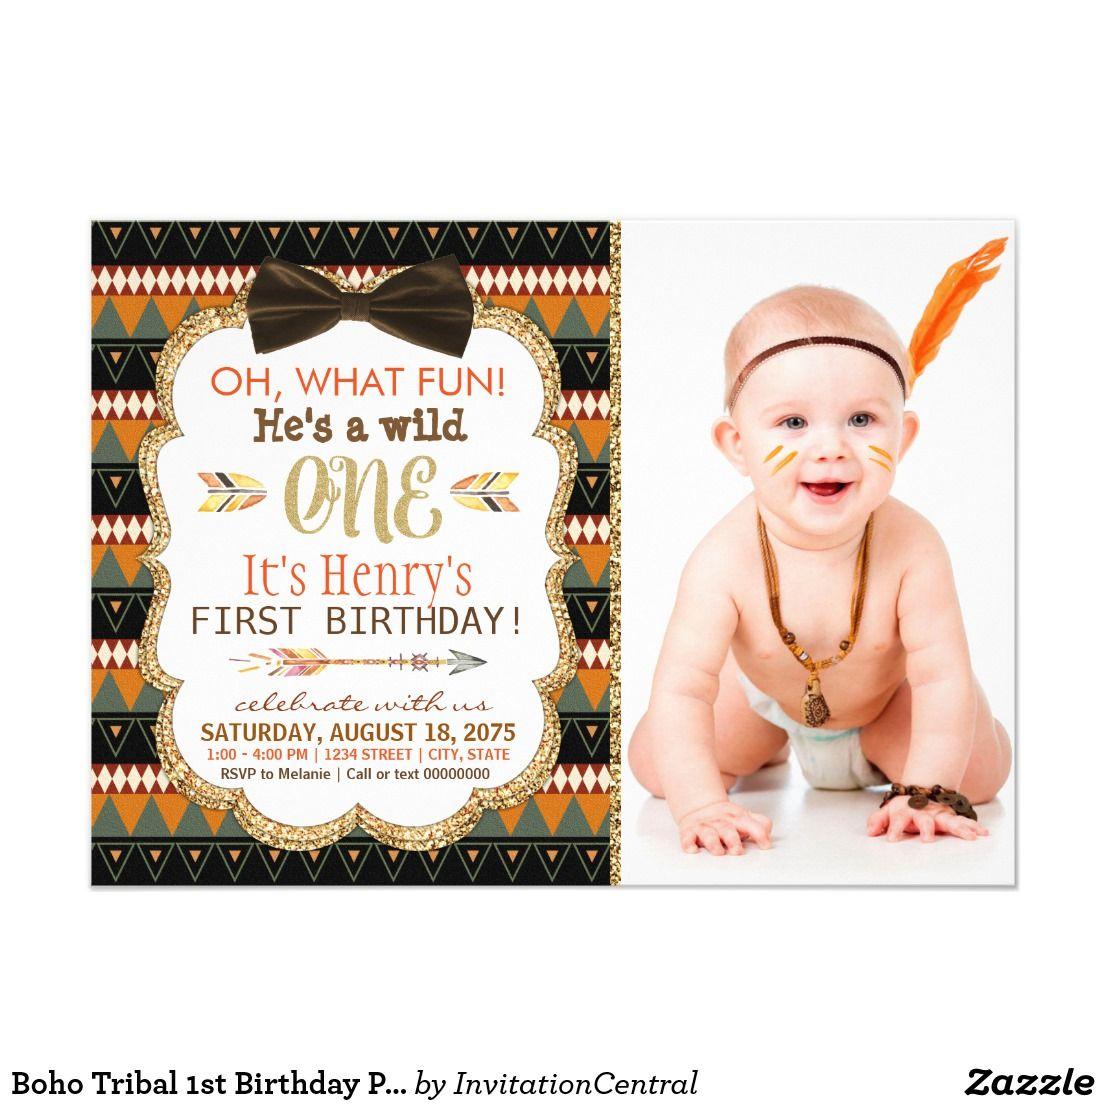 Boho Tribal 1st Birthday Party Invitation | { Happy Birthday ...